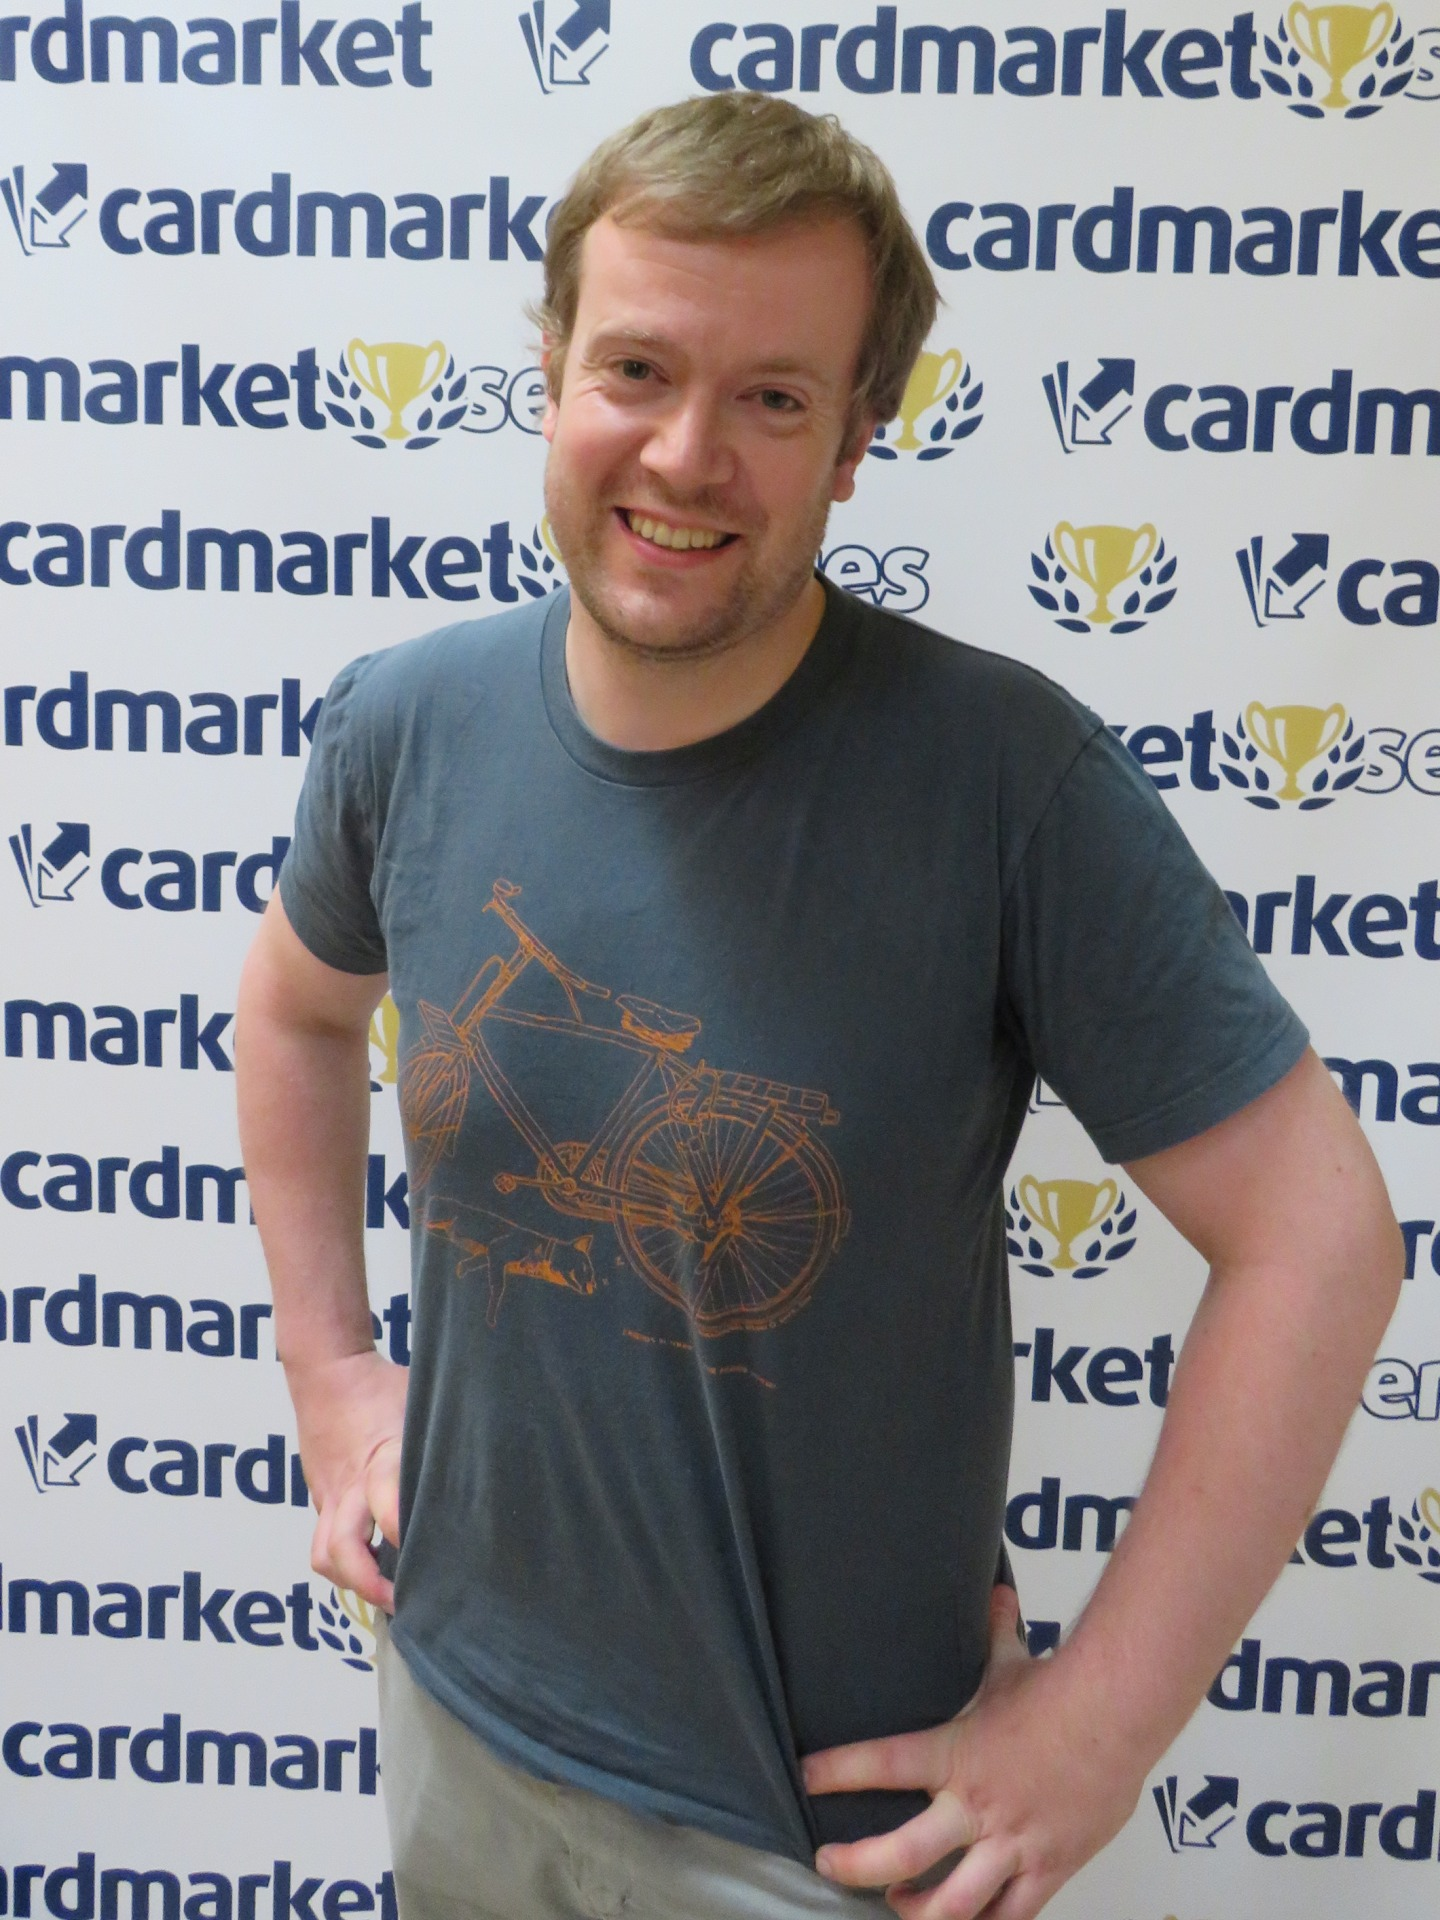 Marcus Schröder